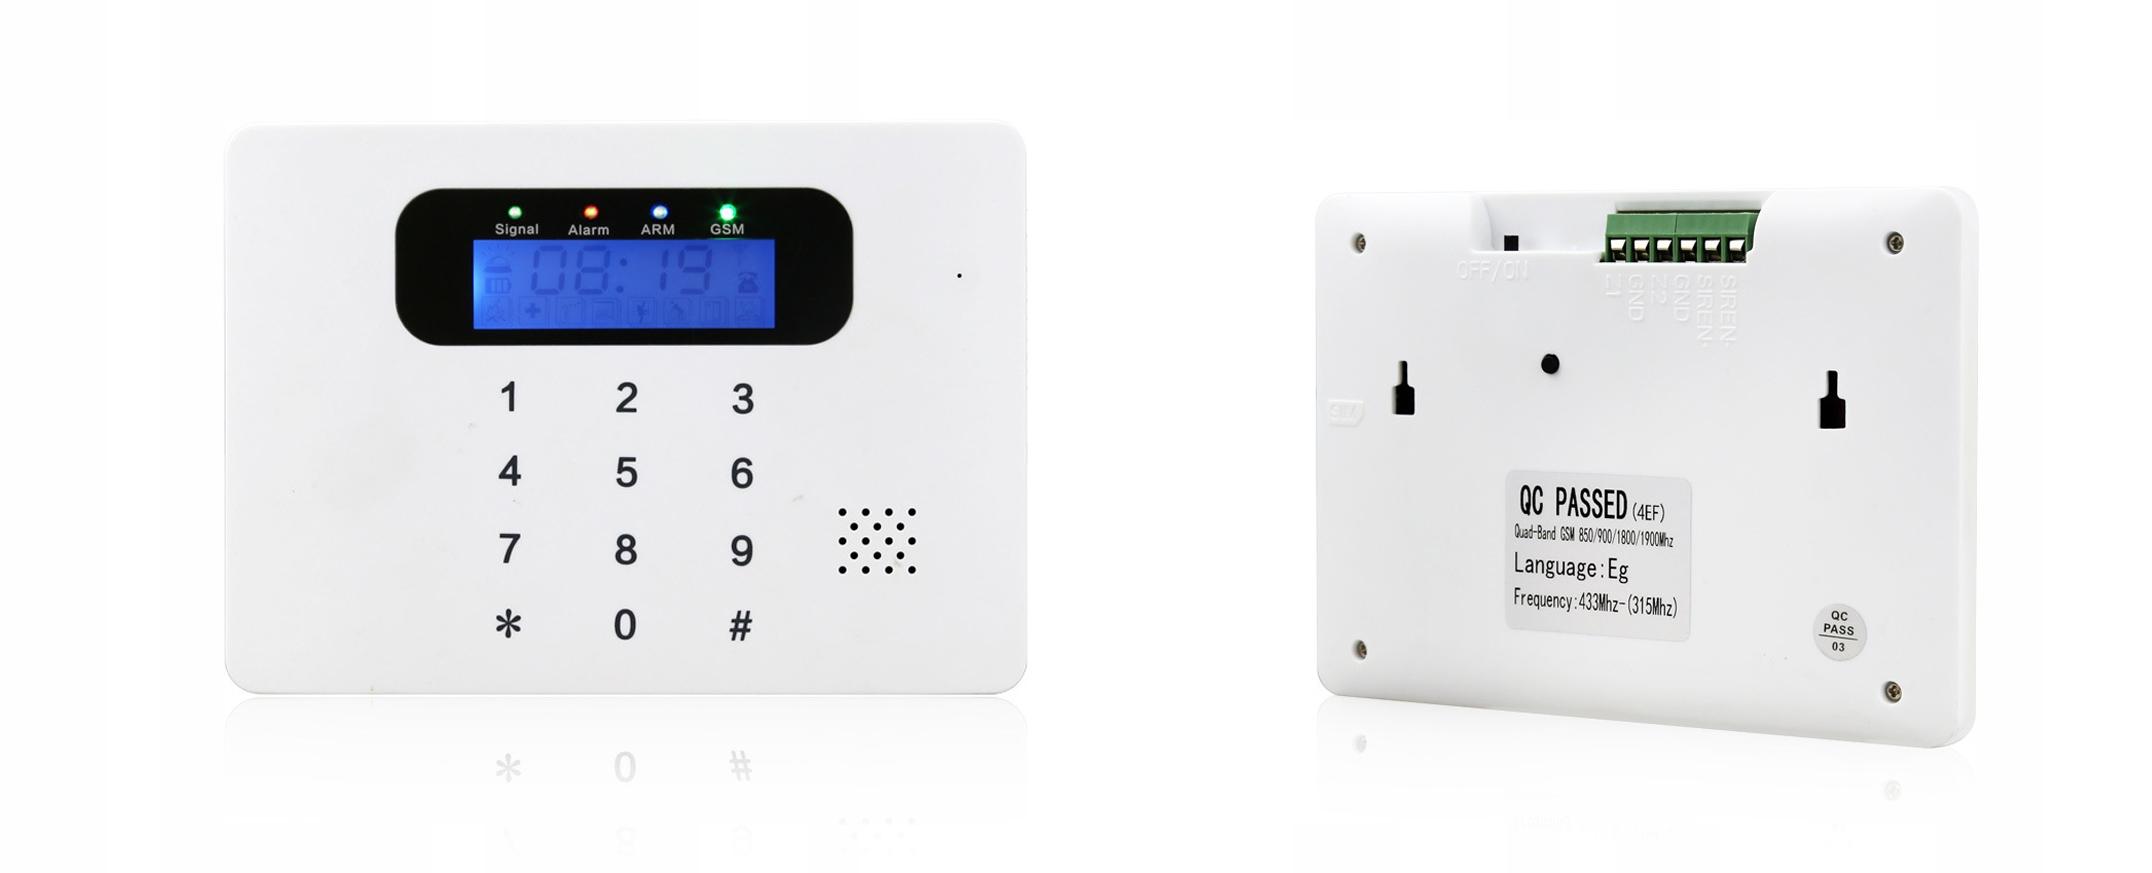 KOMPLETNY BEZPRZEWODOWY ALARM GSM 5 CZUJEK +SYRENA Typ alarmu Bezprzewodowy